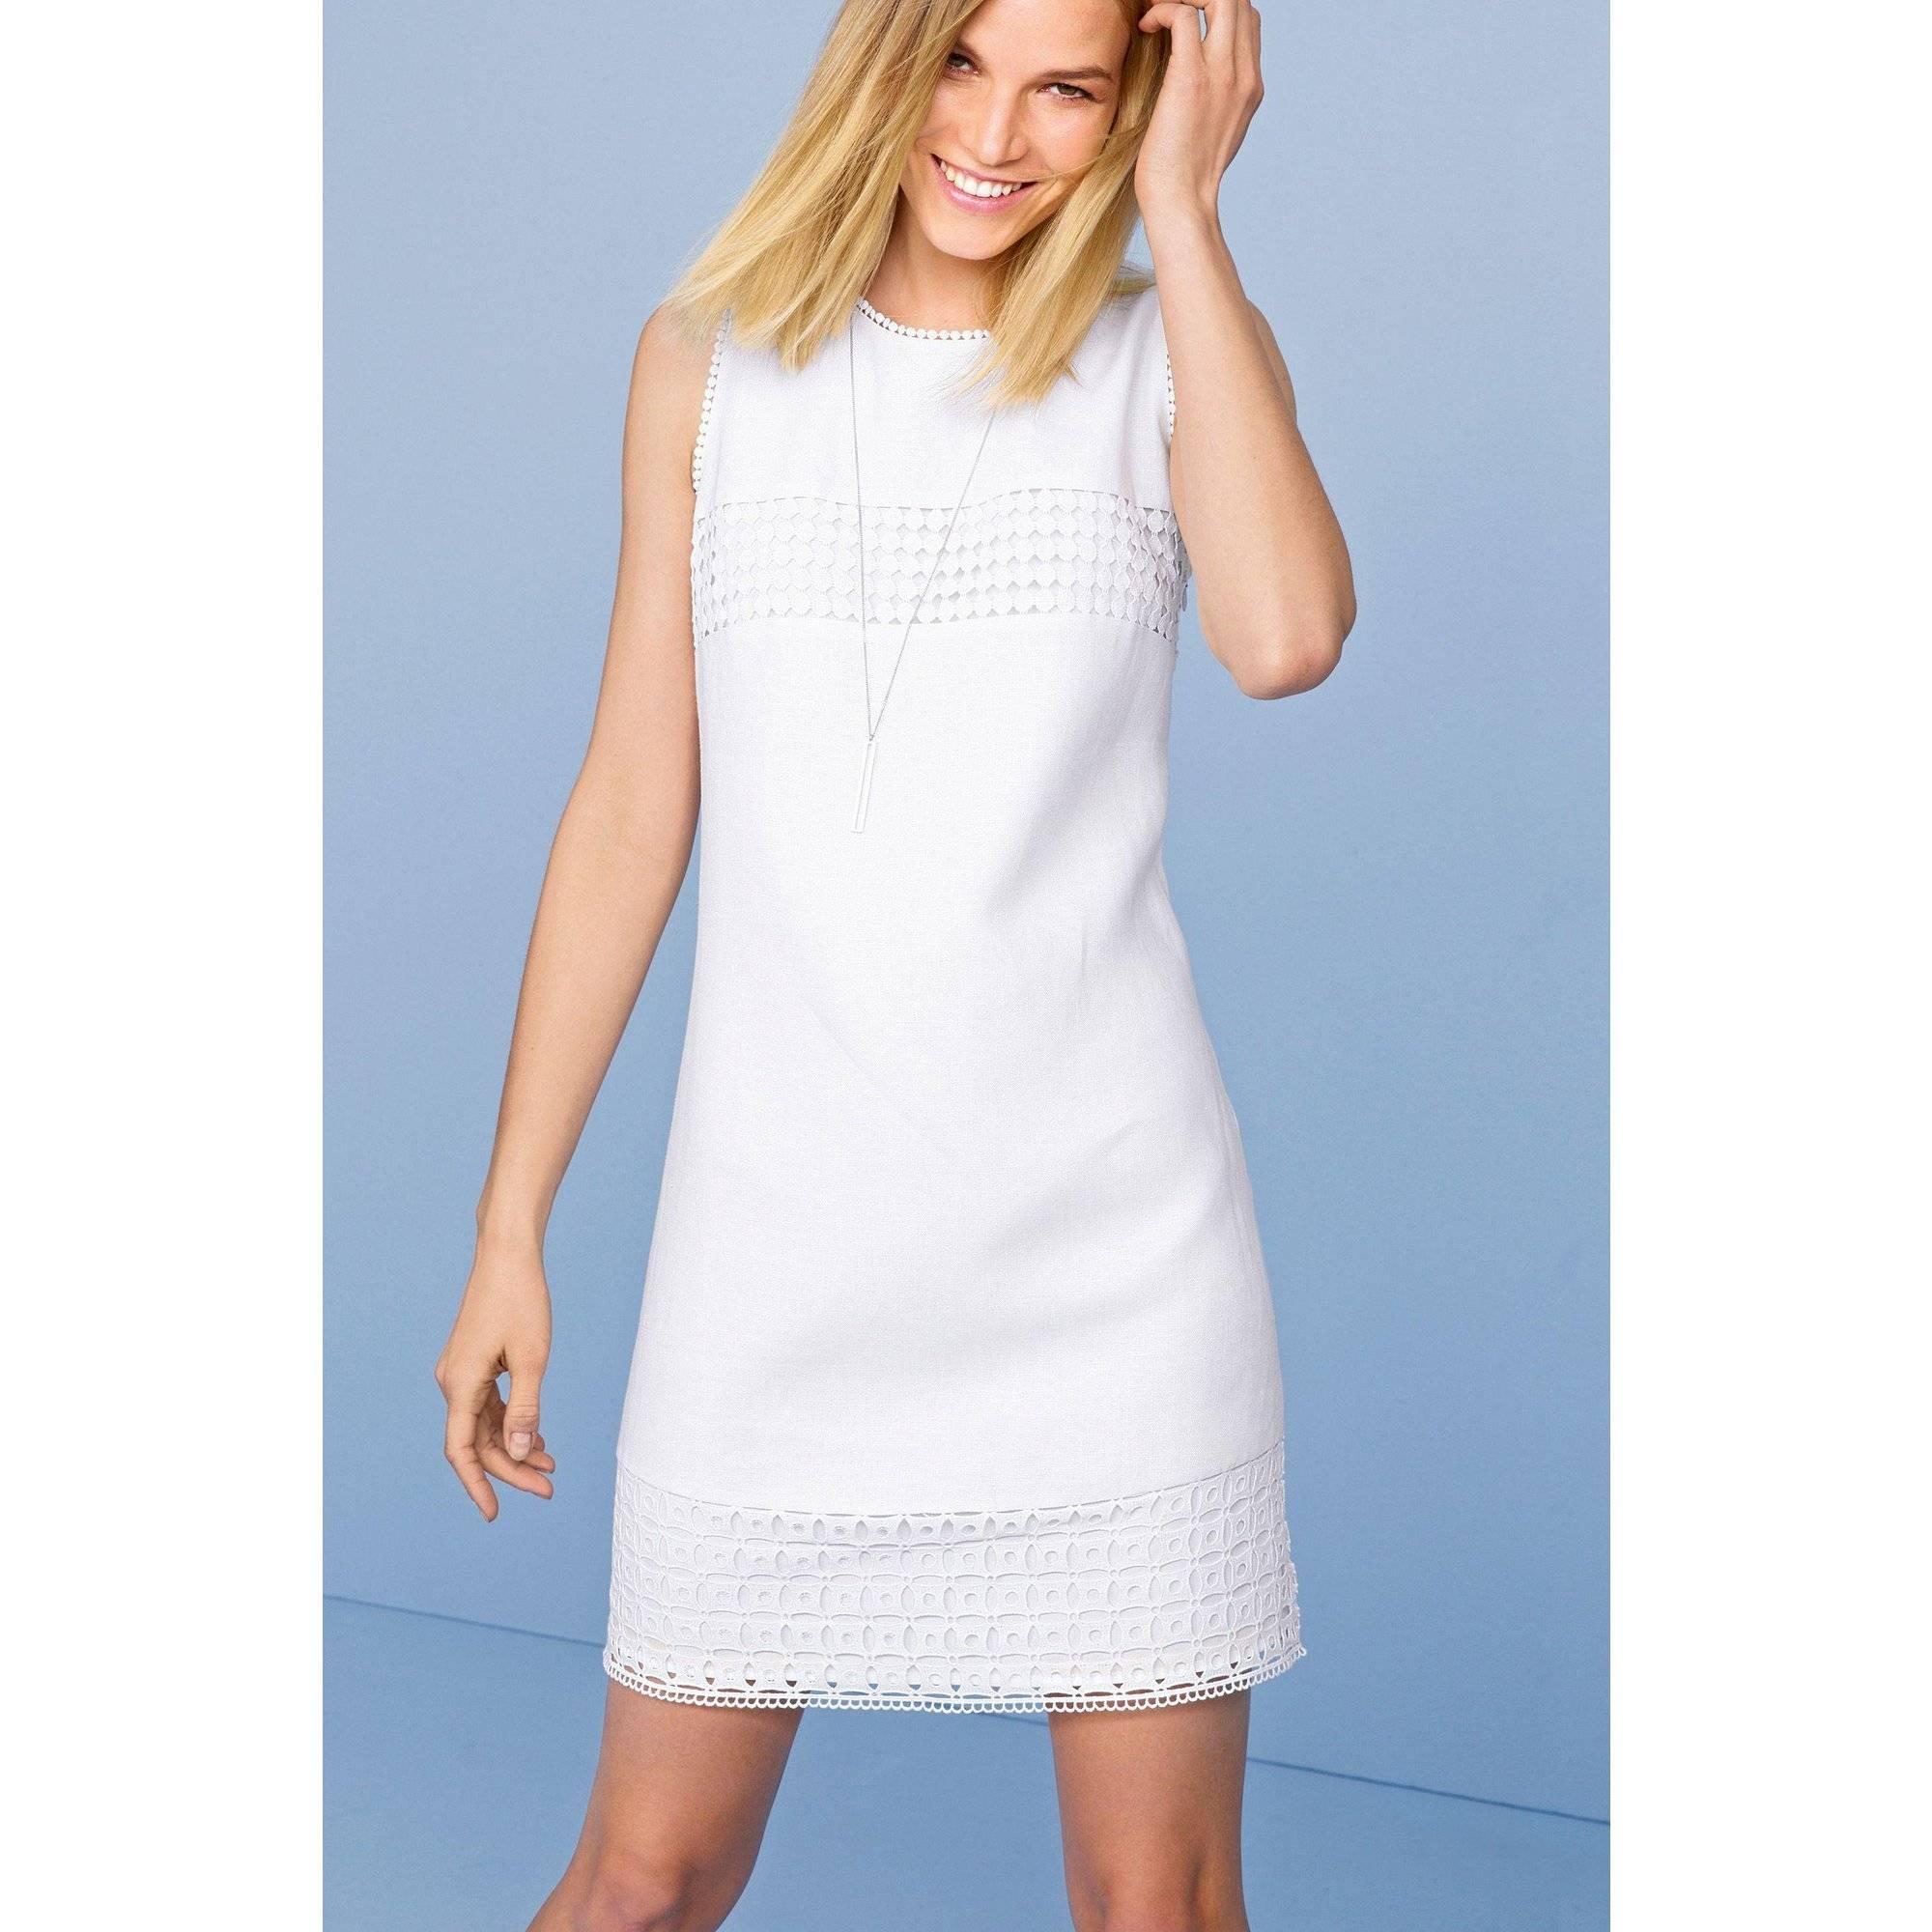 Comment bien choisir sa robe blanche - Avec quoi tuer des asticots ...